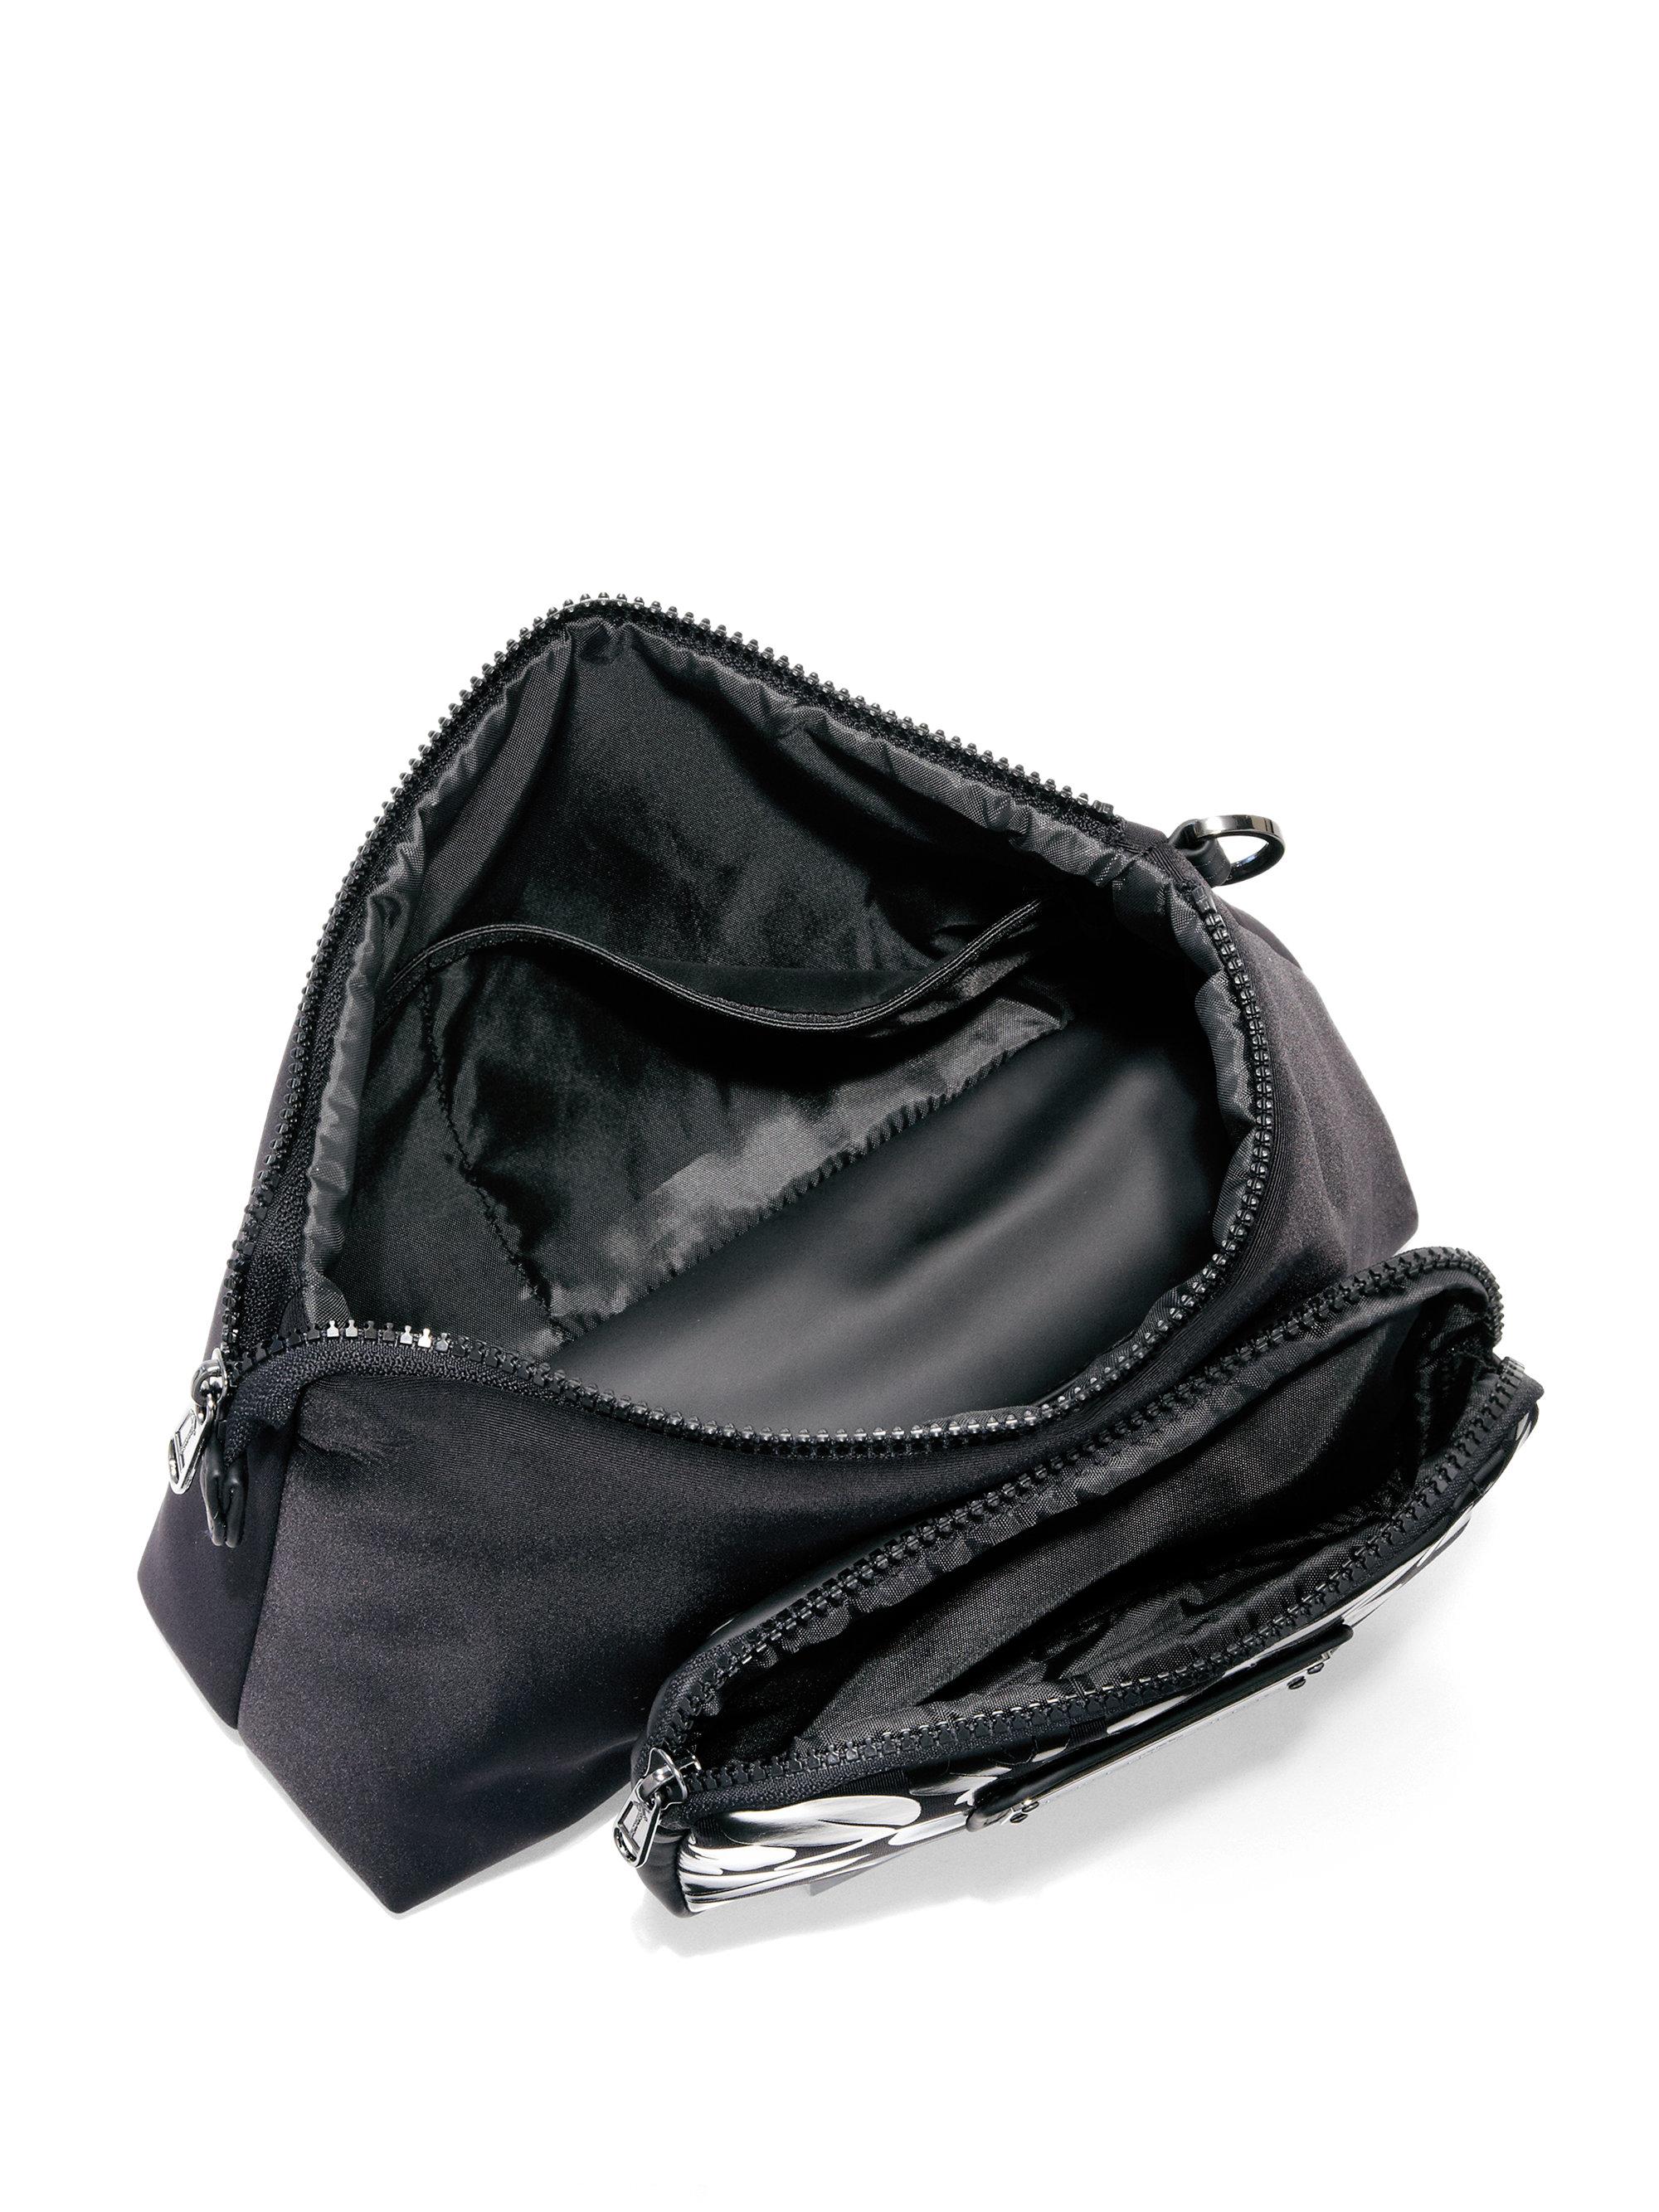 ea91e20f98 Lyst - adidas By Stella McCartney Wash Kit Pouch in Black